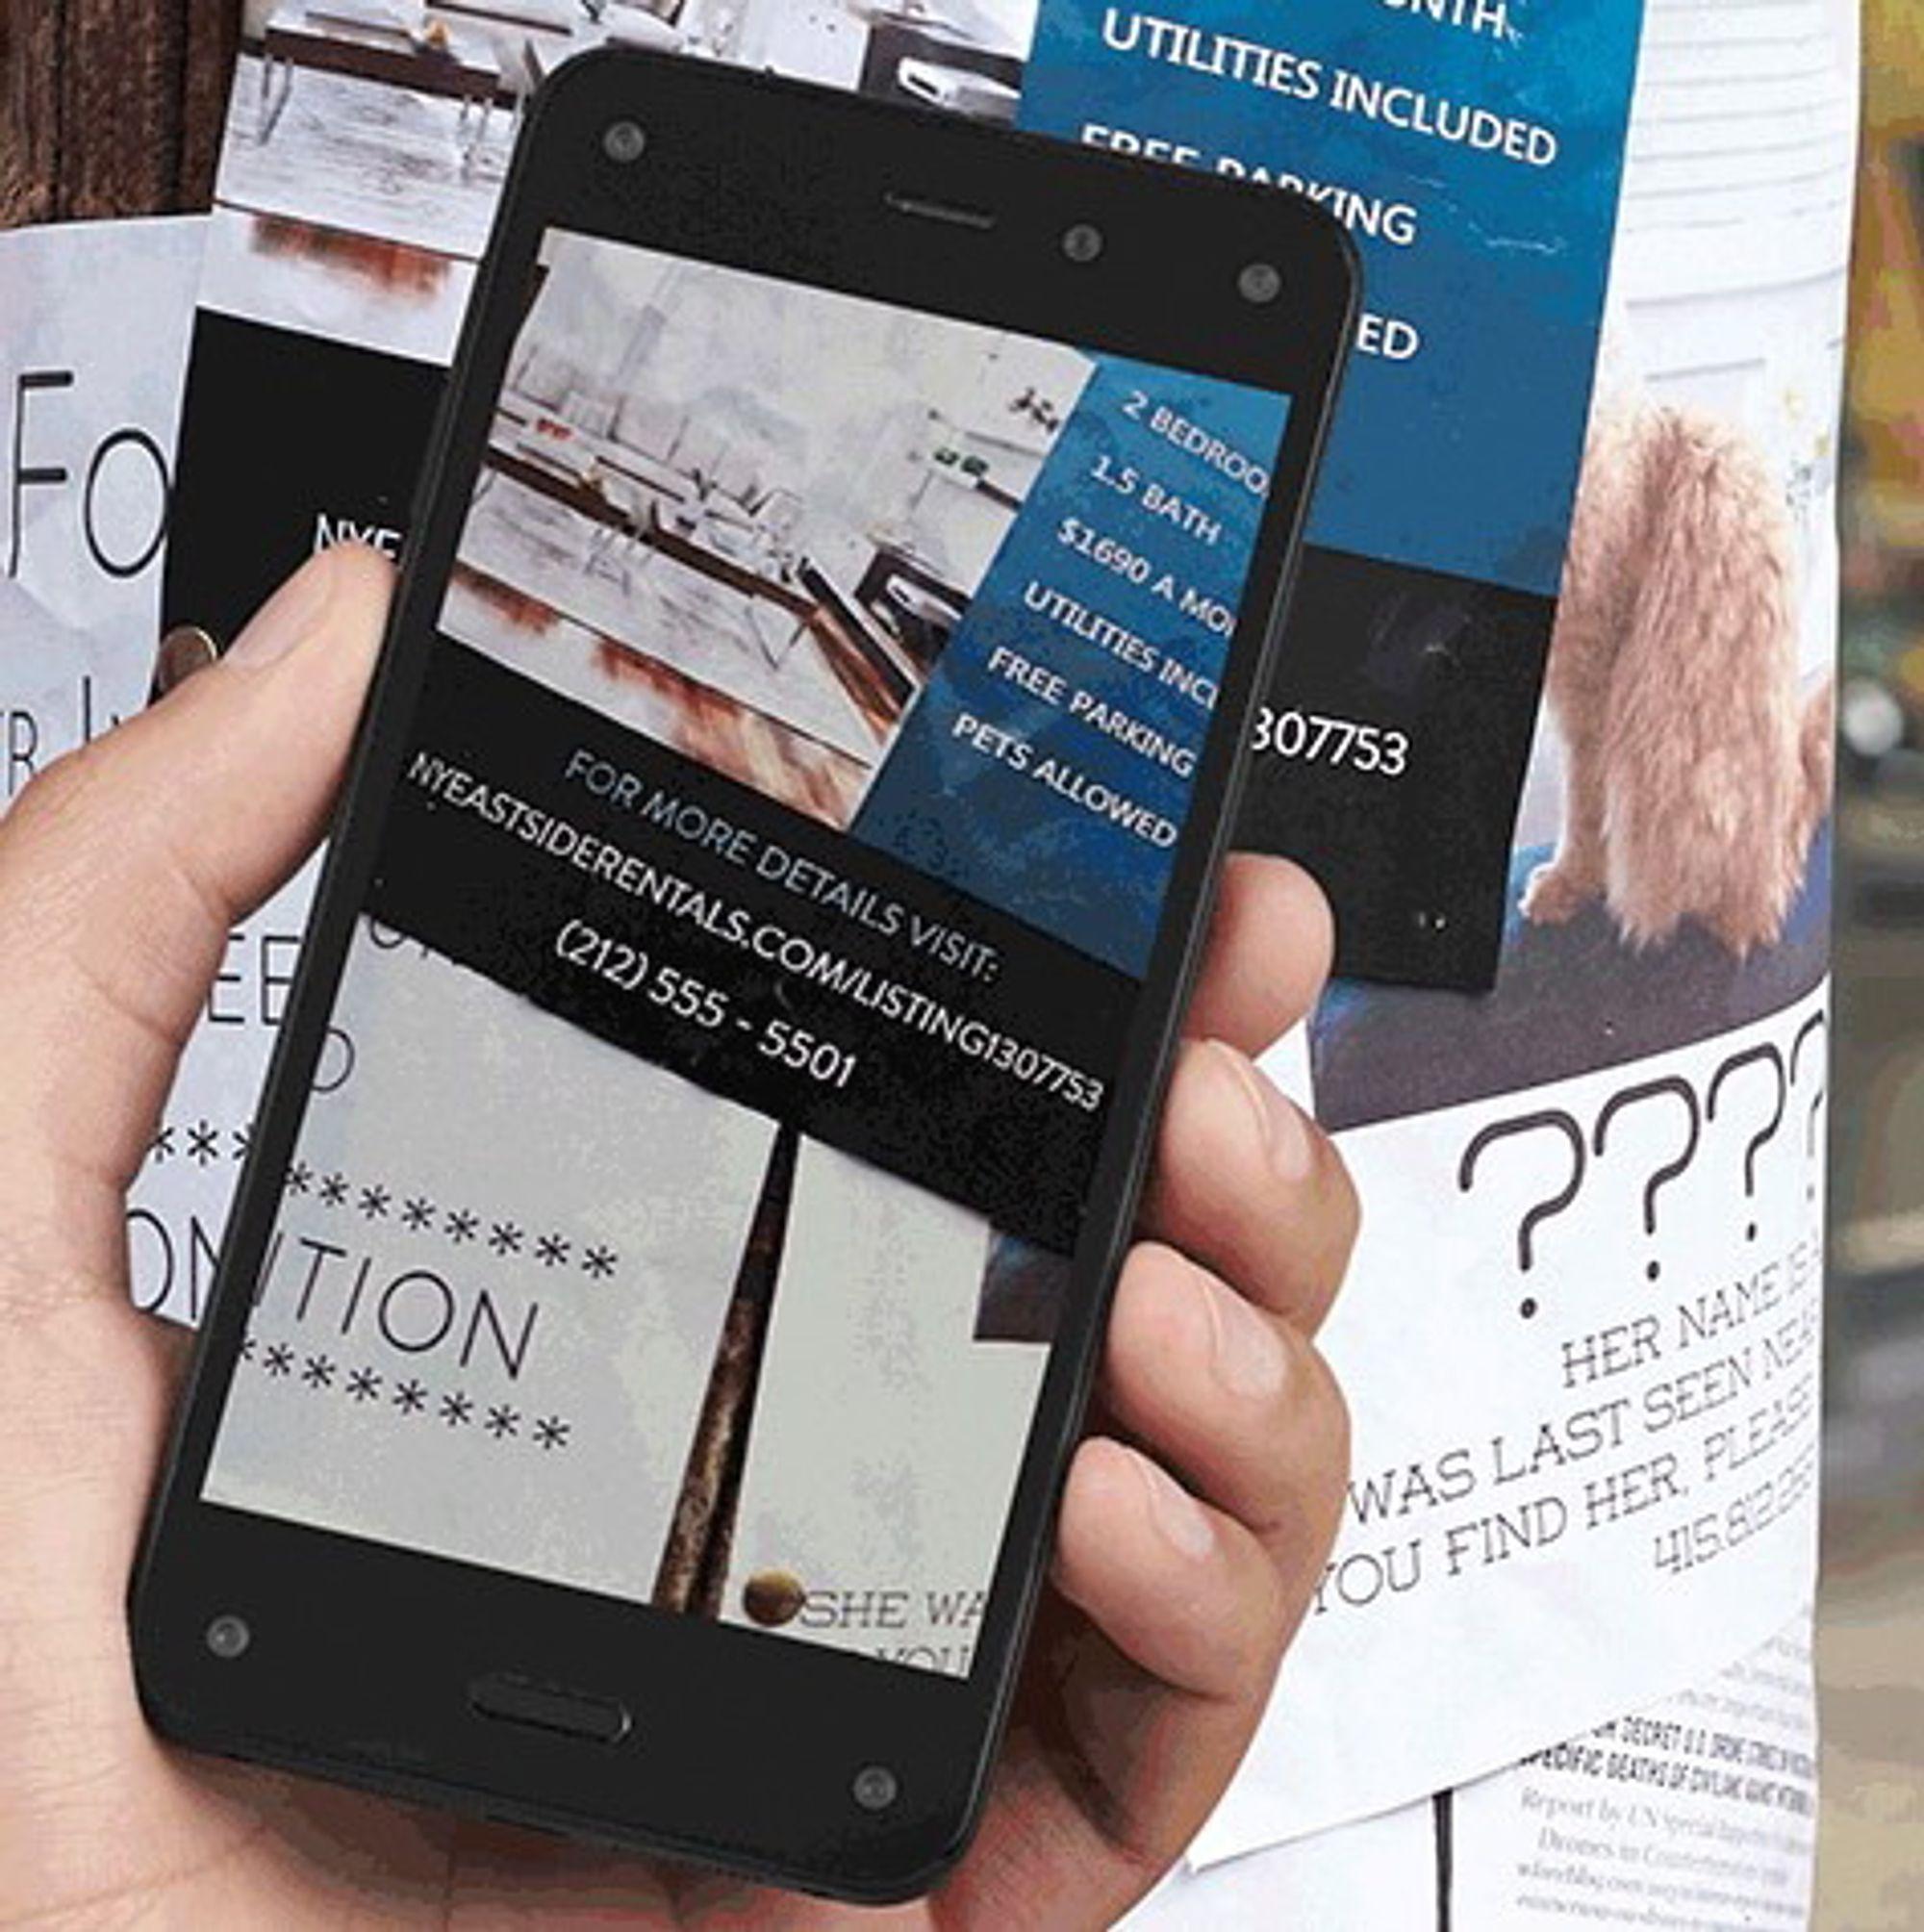 """Ved hjelp av en egen knapp skal mobilen være i stand til å gjenkjenne over 100 millioner """"ting"""", inkludert musikk, bøker, filmer, med mer. Formålet er å geleide brukeren til å kjøpe varer og tjenester gjennom Amazon-universet."""